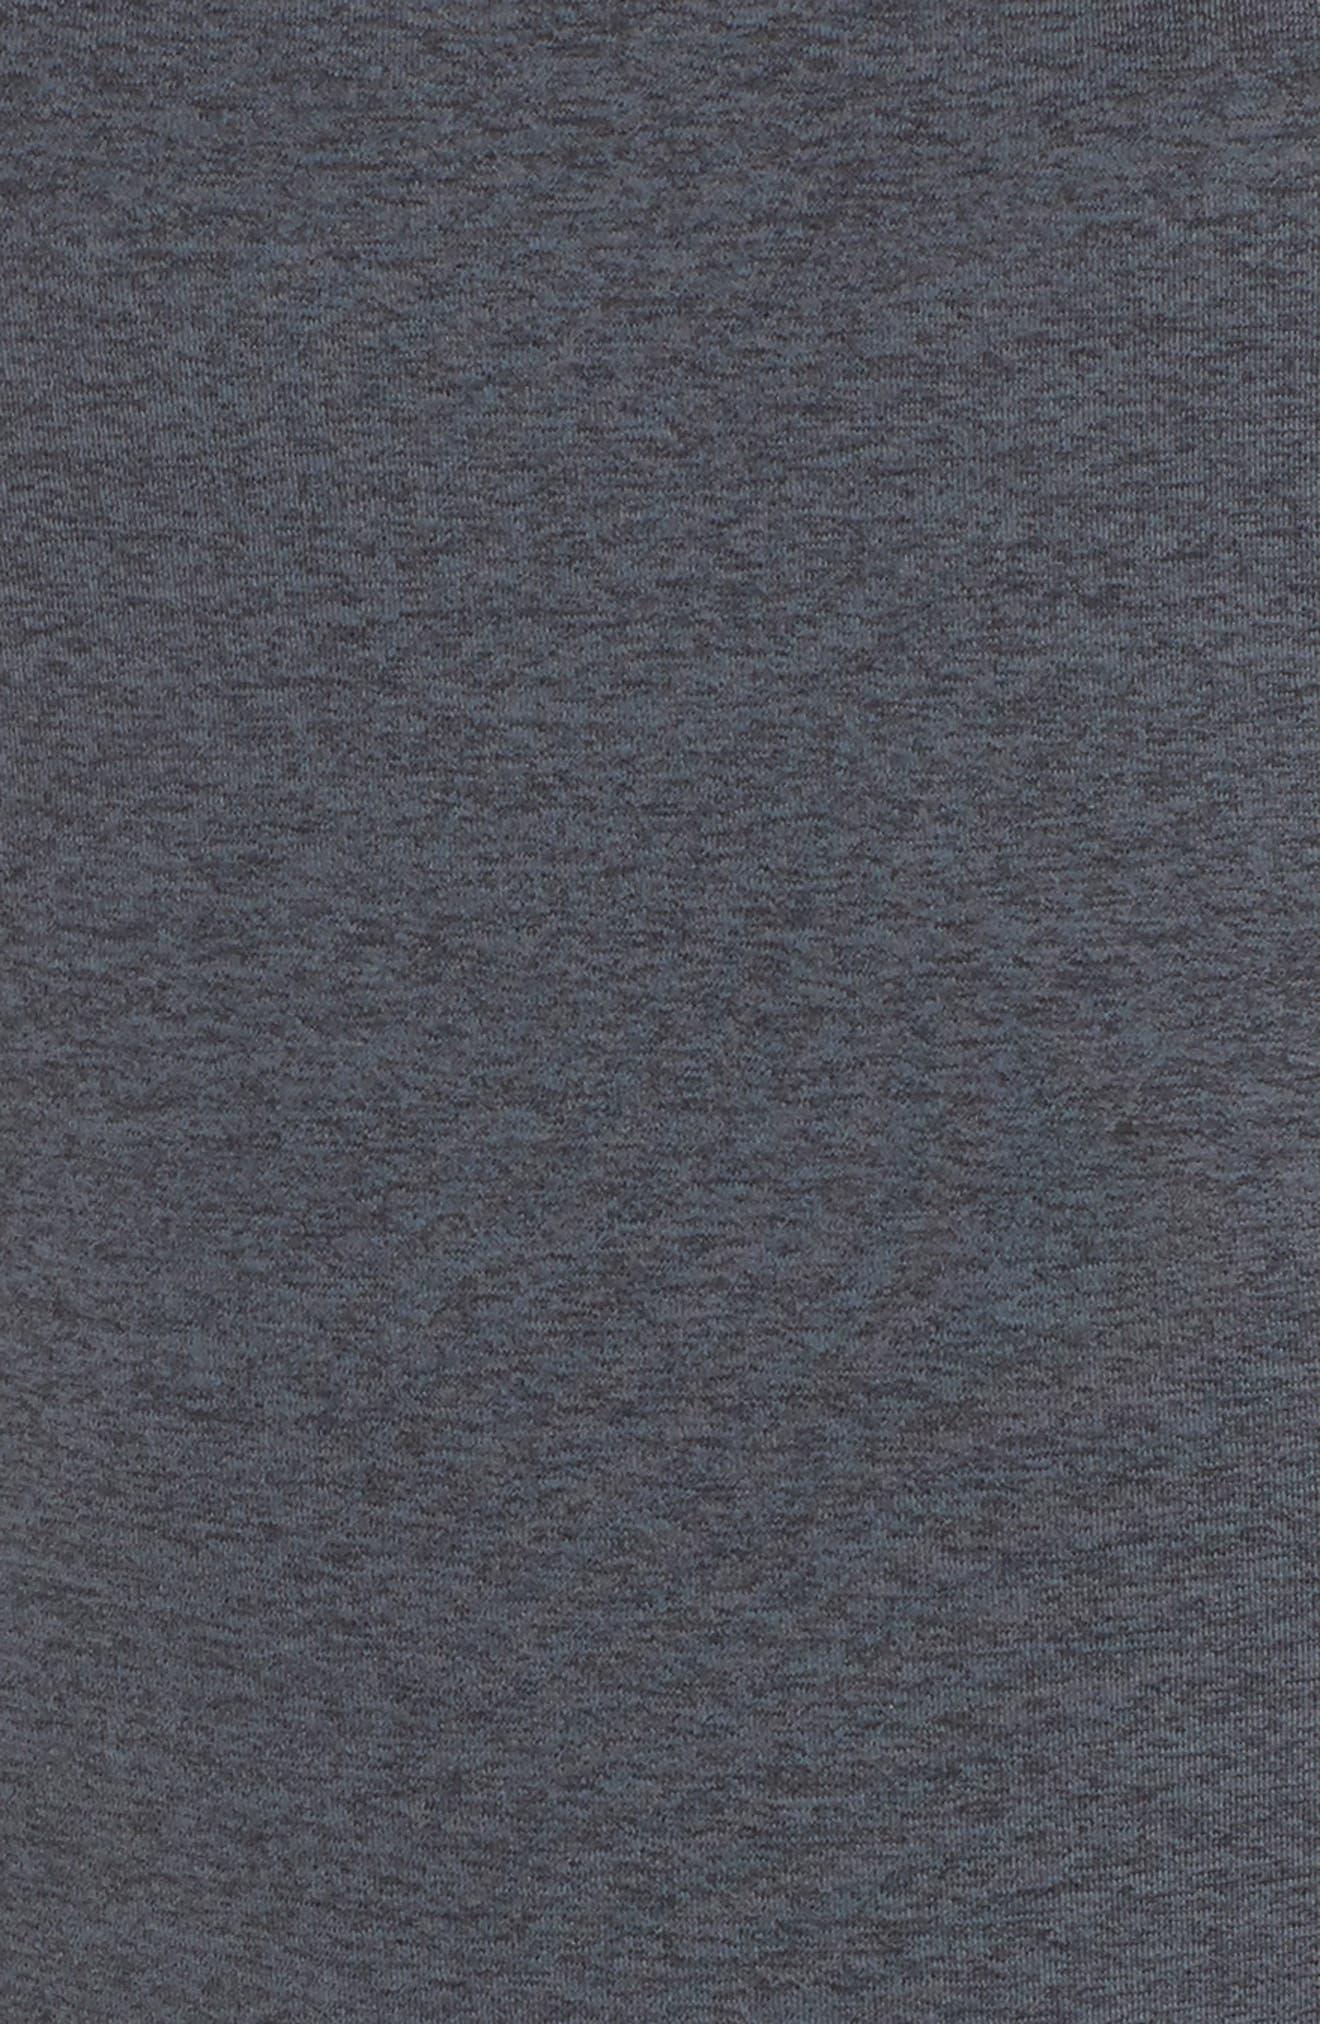 Delta X One-Piece Swimsuit,                             Alternate thumbnail 5, color,                             020